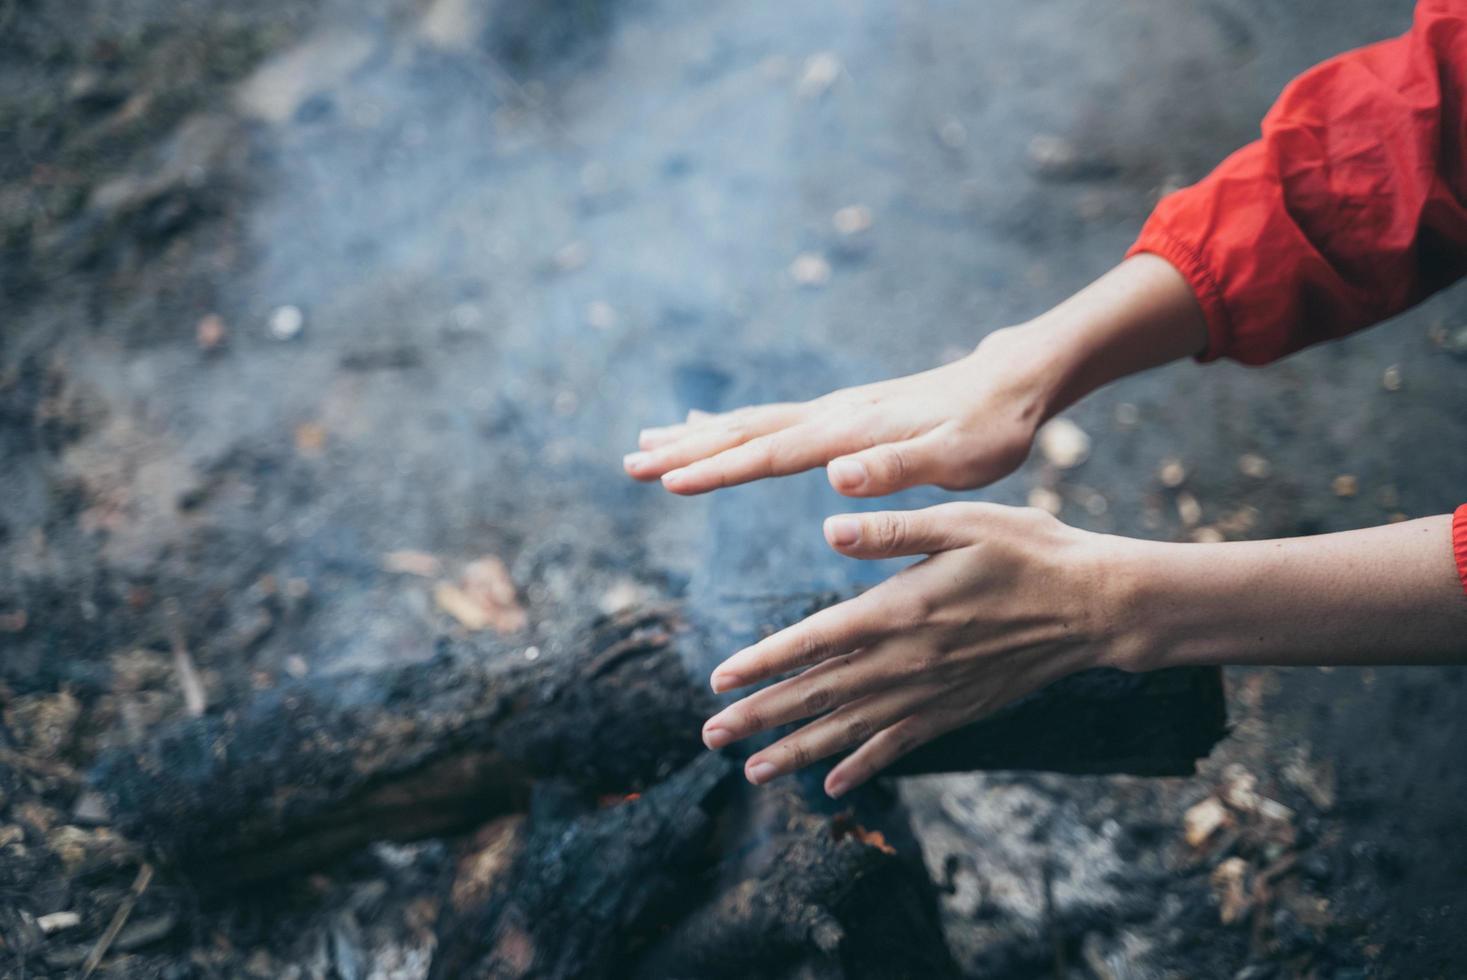 handen opwarmen bij het vuur foto